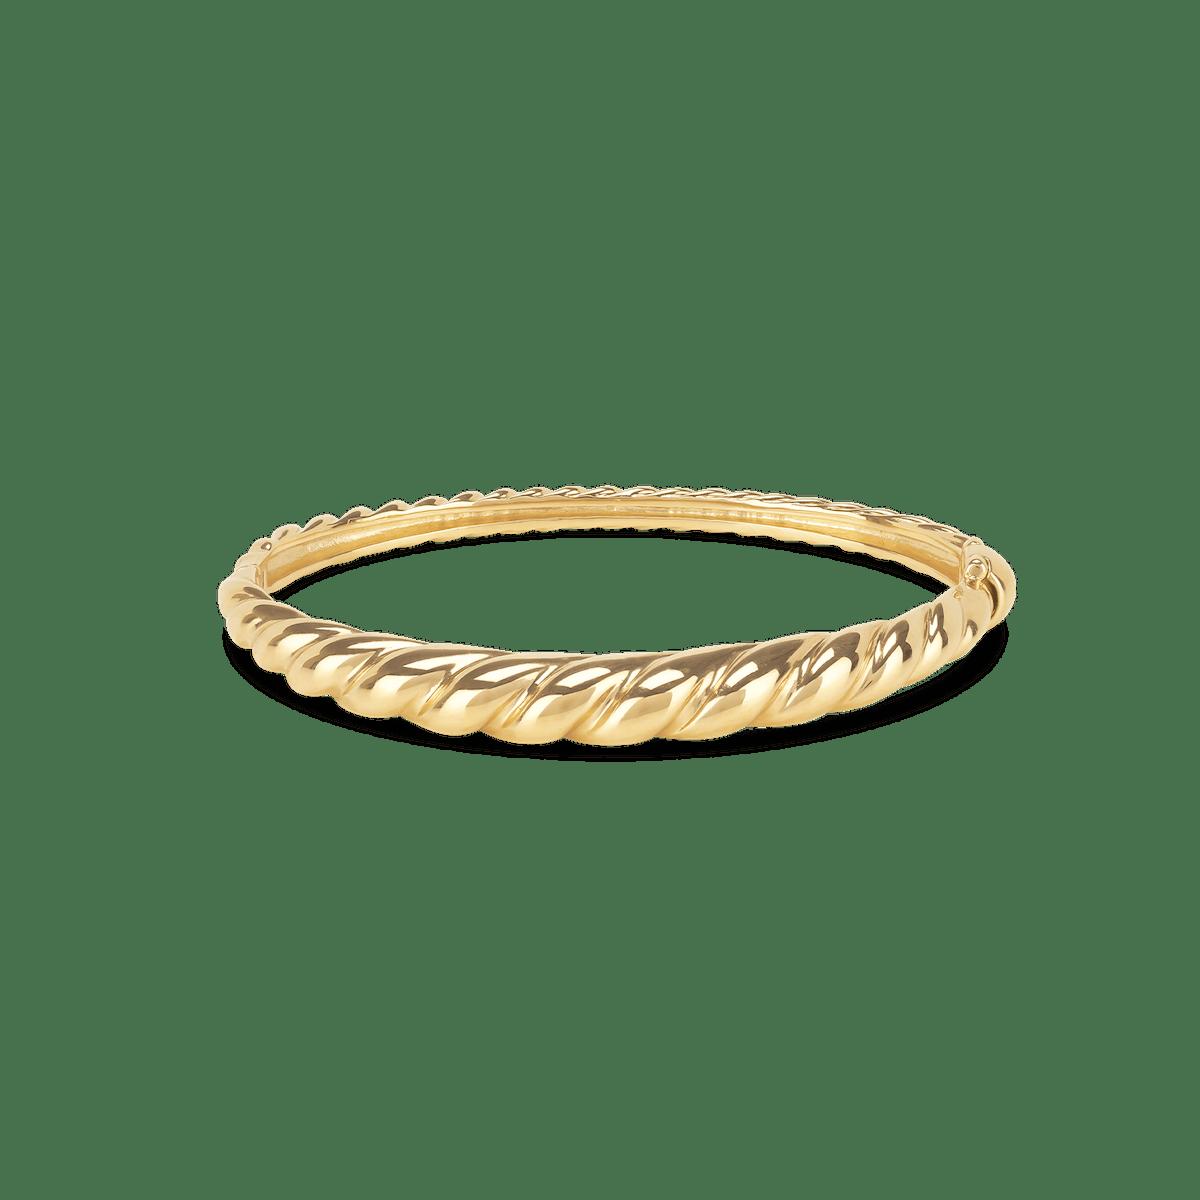 Croissant Dôme Bracelet in Gold Vermeil